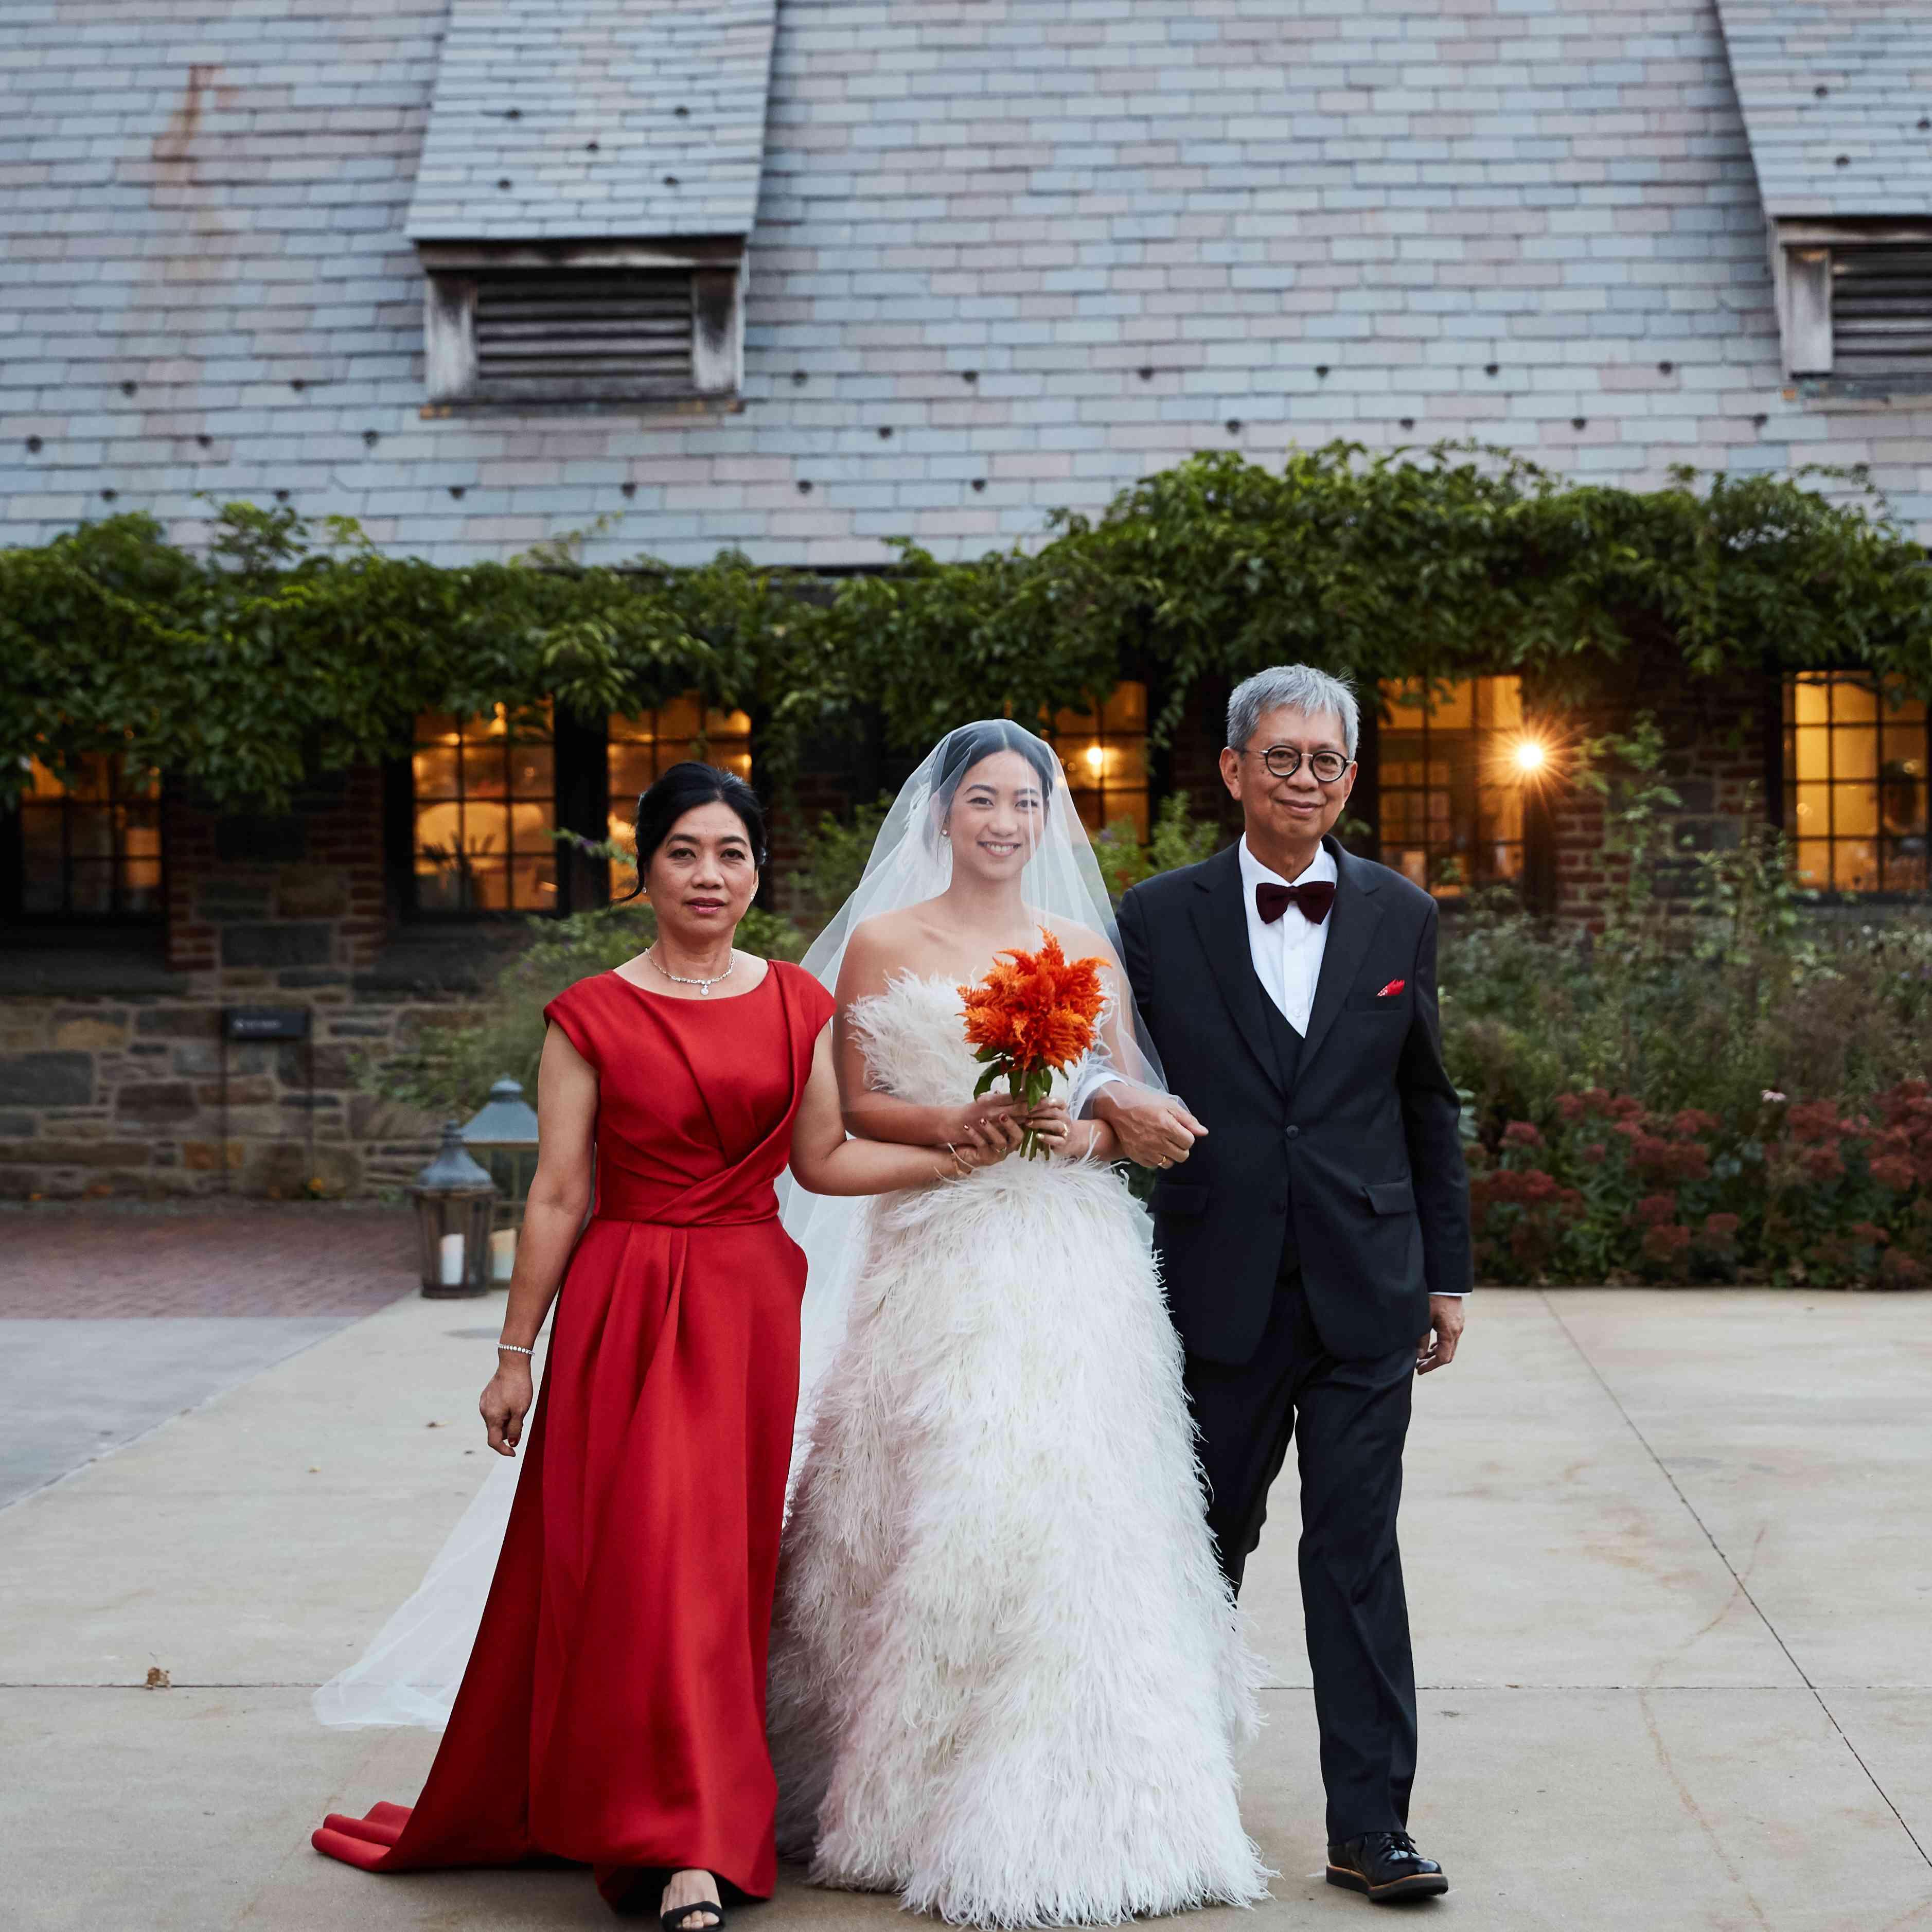 <p>parents walking bride down aisle</p><br><br>